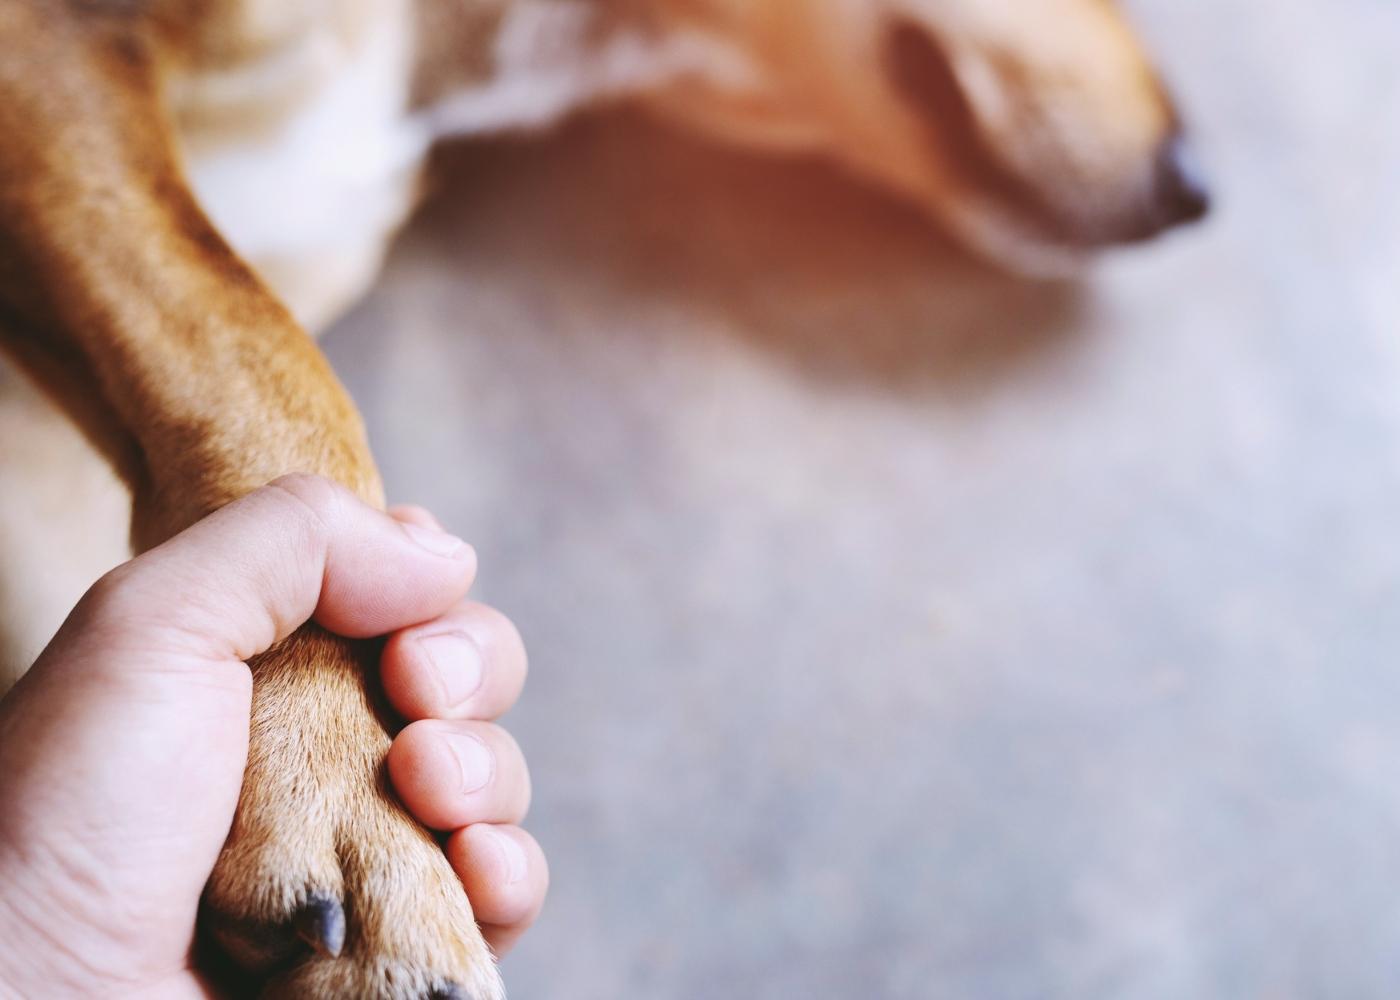 problemas hepáticos nos cães: tutor a segurar a pata de cão doente